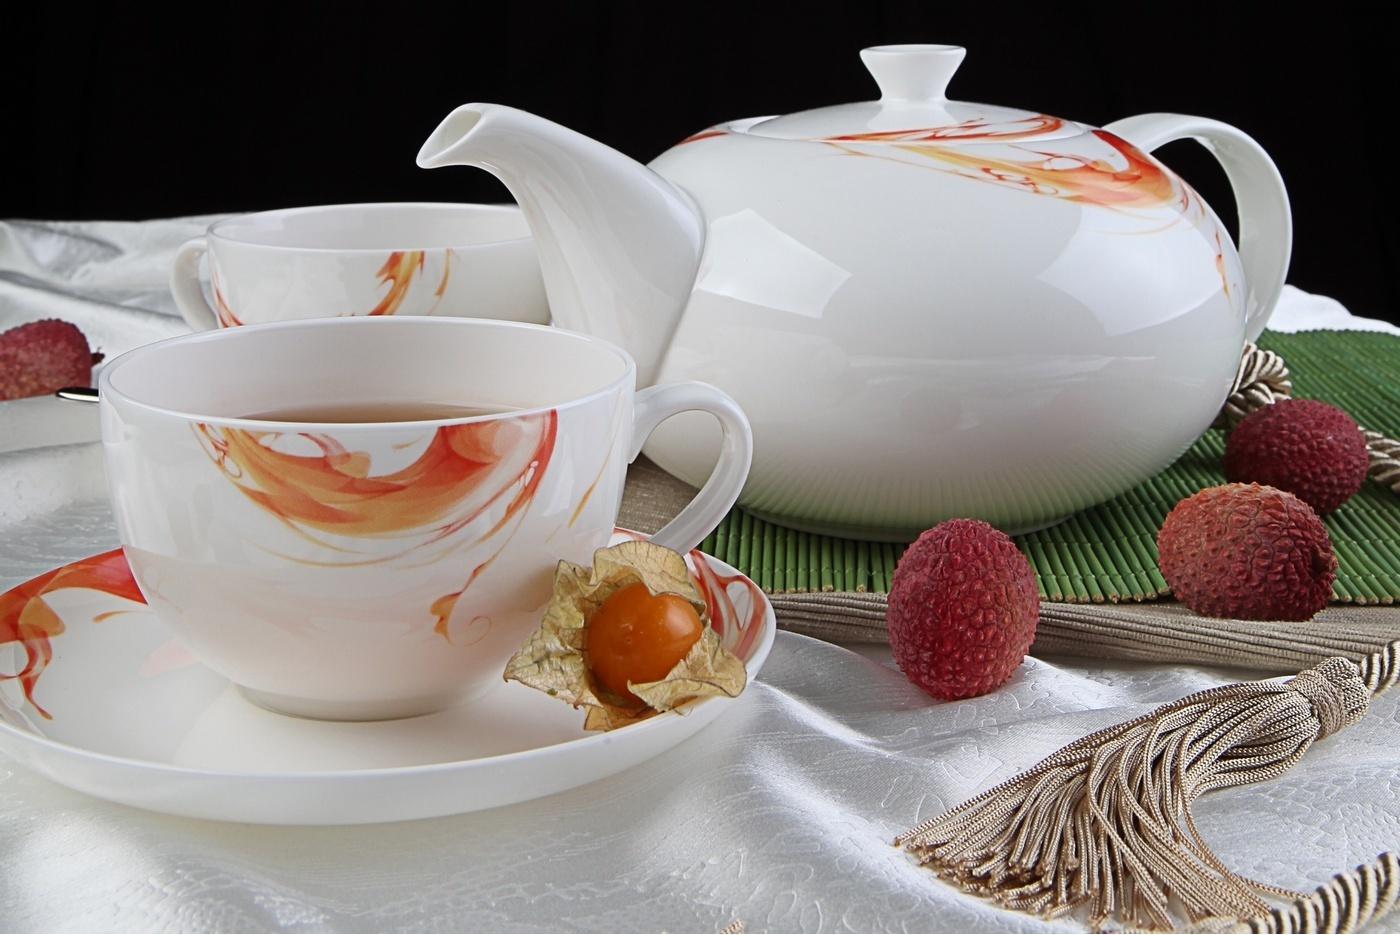 Чайный сервиз Royal Aurel Фиеста арт.135, 13 предметовЧайные сервизы<br>Чайный сервиз Royal Aurel Фиеста арт.135, 13 предметов<br><br><br><br><br><br><br><br><br><br><br>Чашка 300 мл,6 шт.<br>Блюдце 15 см,6 шт.<br>Чайник 1300 мл<br><br><br><br><br><br><br>Производить посуду из фарфора начали в Китае на стыке 6-7 веков. Неустанно совершенствуя и селективно отбирая сырье для производства посуды из фарфора, мастерам удалось добиться выдающихся характеристик фарфора: белизны и тонкостенности. В XV веке появился особый интерес к китайской фарфоровой посуде, так как в это время Европе возникла мода на самобытные китайские вещи. Роскошный китайский фарфор являлся изыском и был в новинку, поэтому он выступал в качестве подарка королям, а также знатным людям. Такой дорогой подарок был очень престижен и по праву являлся элитной посудой. Как известно из многочисленных исторических документов, в Европе китайские изделия из фарфора ценились практически как золото. <br>Проверка изделий из костяного фарфора на подлинность <br>По сравнению с производством других видов фарфора процесс производства изделий из настоящего костяного фарфора сложен и весьма длителен. Посуда из изящного фарфора - это элитная посуда, которая всегда ассоциируется с богатством, величием и благородством. Несмотря на небольшую толщину, фарфоровая посуда - это очень прочное изделие. Для демонстрации плотности и прочности фарфора можно легко коснуться предметов посуды из фарфора деревянной палочкой, и тогда мы услушим характерный металлический звон. В составе фарфоровой посуды присутствует костяная зола, благодаря чему она может быть намного тоньше (не более 2,5 мм) и легче твердого или мягкого фарфора. Безупречная белизна - ключевой признак отличия такого фарфора от других. Цвет обычного фарфора сероватый или ближе к голубоватому, а костяной фарфор будет всегда будет молочно-белого цвета. Характерная и немаловажная деталь - это невесомая прозрачность изделий из фарфора такая, что сквозь него проходит свет.<br>